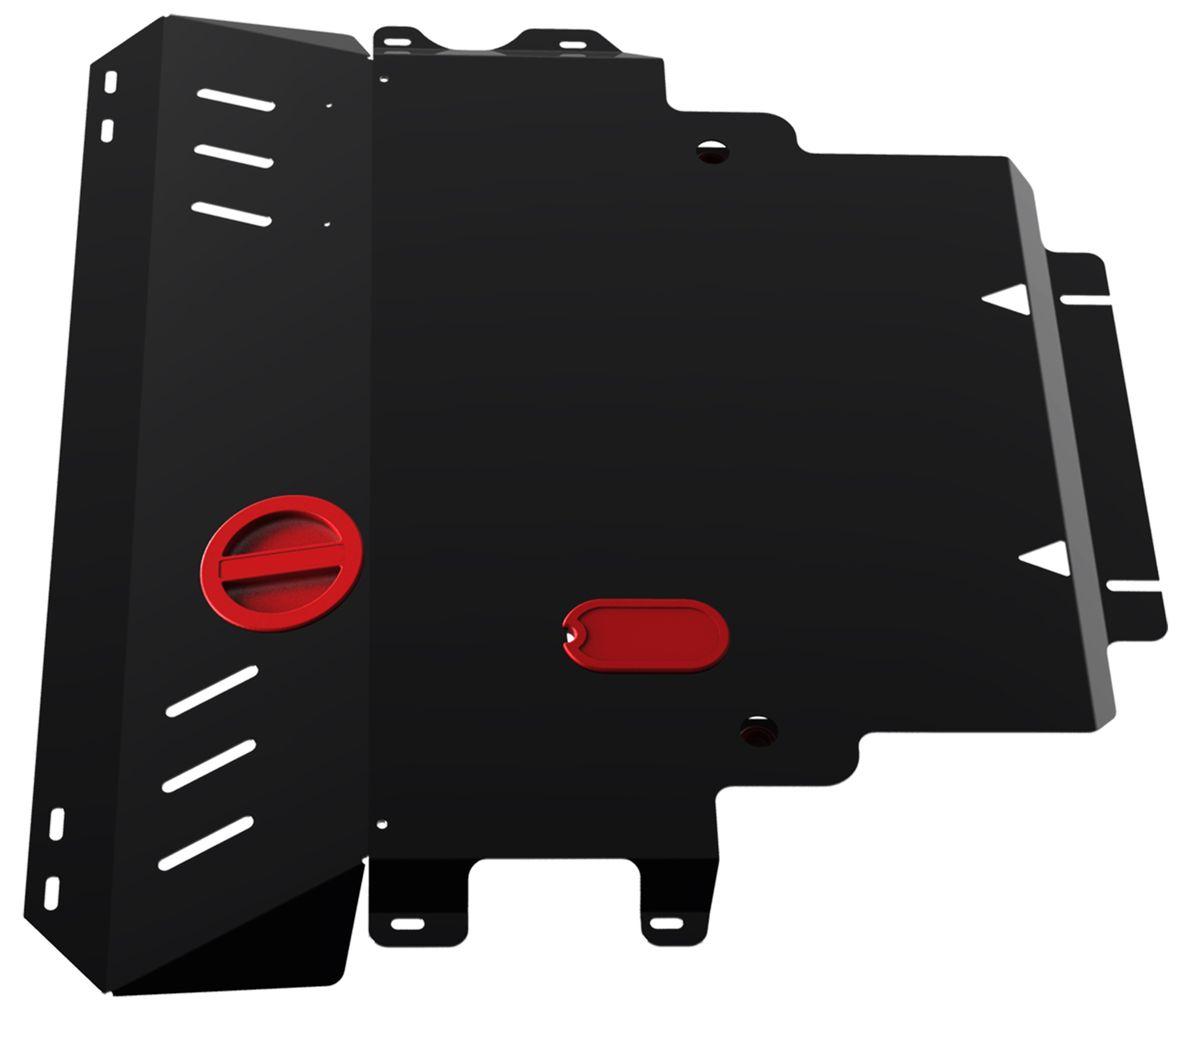 Защита картера и КПП Автоброня, для Mazda 3/5/Premacy. 111.03802.2111.03802.2Технологически совершенный продукт за невысокую стоимость. Защита разработана с учетом особенностей днища автомобиля, что позволяет сохранить дорожный просвет с минимальным изменением. Защита устанавливается в штатные места кузова автомобиля. Глубокий штамп обеспечивает до двух раз больше жесткости в сравнении с обычной защитой той же толщины. Проштампованные ребра жесткости препятствуют деформации защиты при ударах. Тепловой зазор и вентиляционные отверстия обеспечивают сохранение температурного режима двигателя в норме. Скрытый крепеж предотвращает срыв крепежных элементов при наезде на препятствие. Шумопоглощающие резиновые элементы обеспечивают комфортную езду без вибраций и скрежета металла, а съемные лючки для слива масла и замены фильтра - экономию средств и время. Конструкция изделия не влияет на пассивную безопасность автомобиля (при ударе защита не воздействует на деформационные зоны кузова). Со штатным крепежом. В комплекте инструкция по...